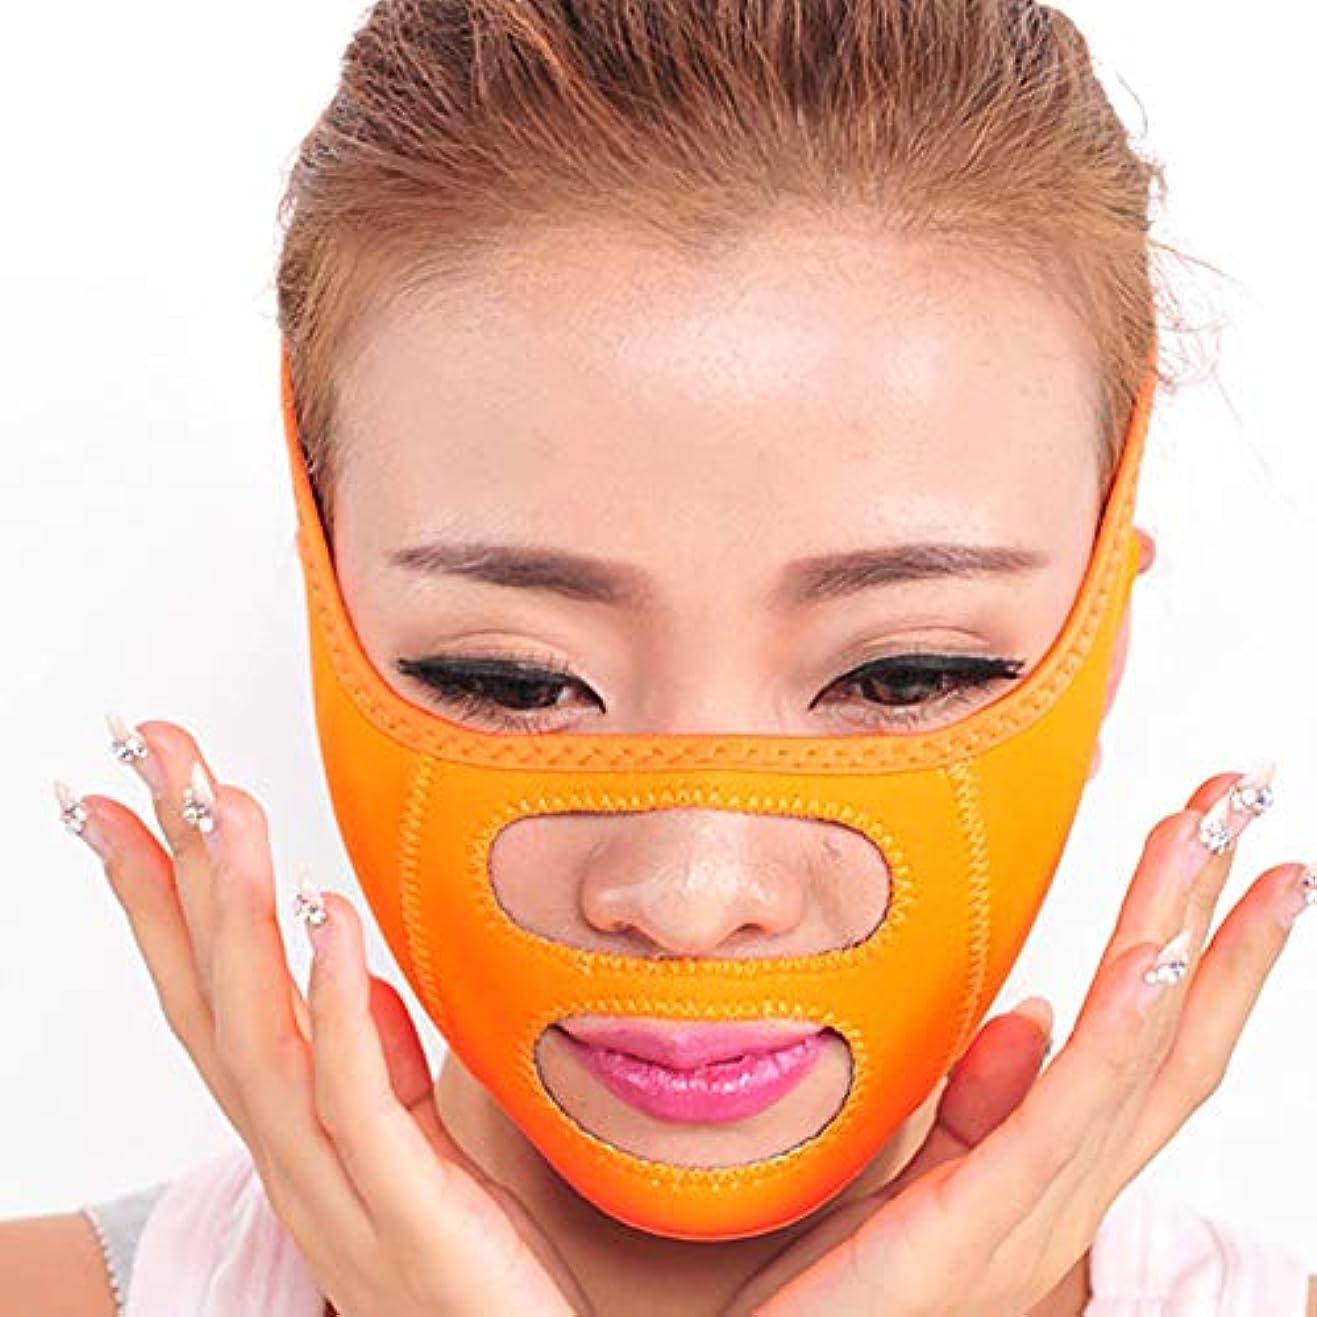 切り刻むコンサート流出Vラインマスク、ネックマスクフェイスリフトVリフティングチンアップパッチダブルチンリデューサーネックリフト,Orange